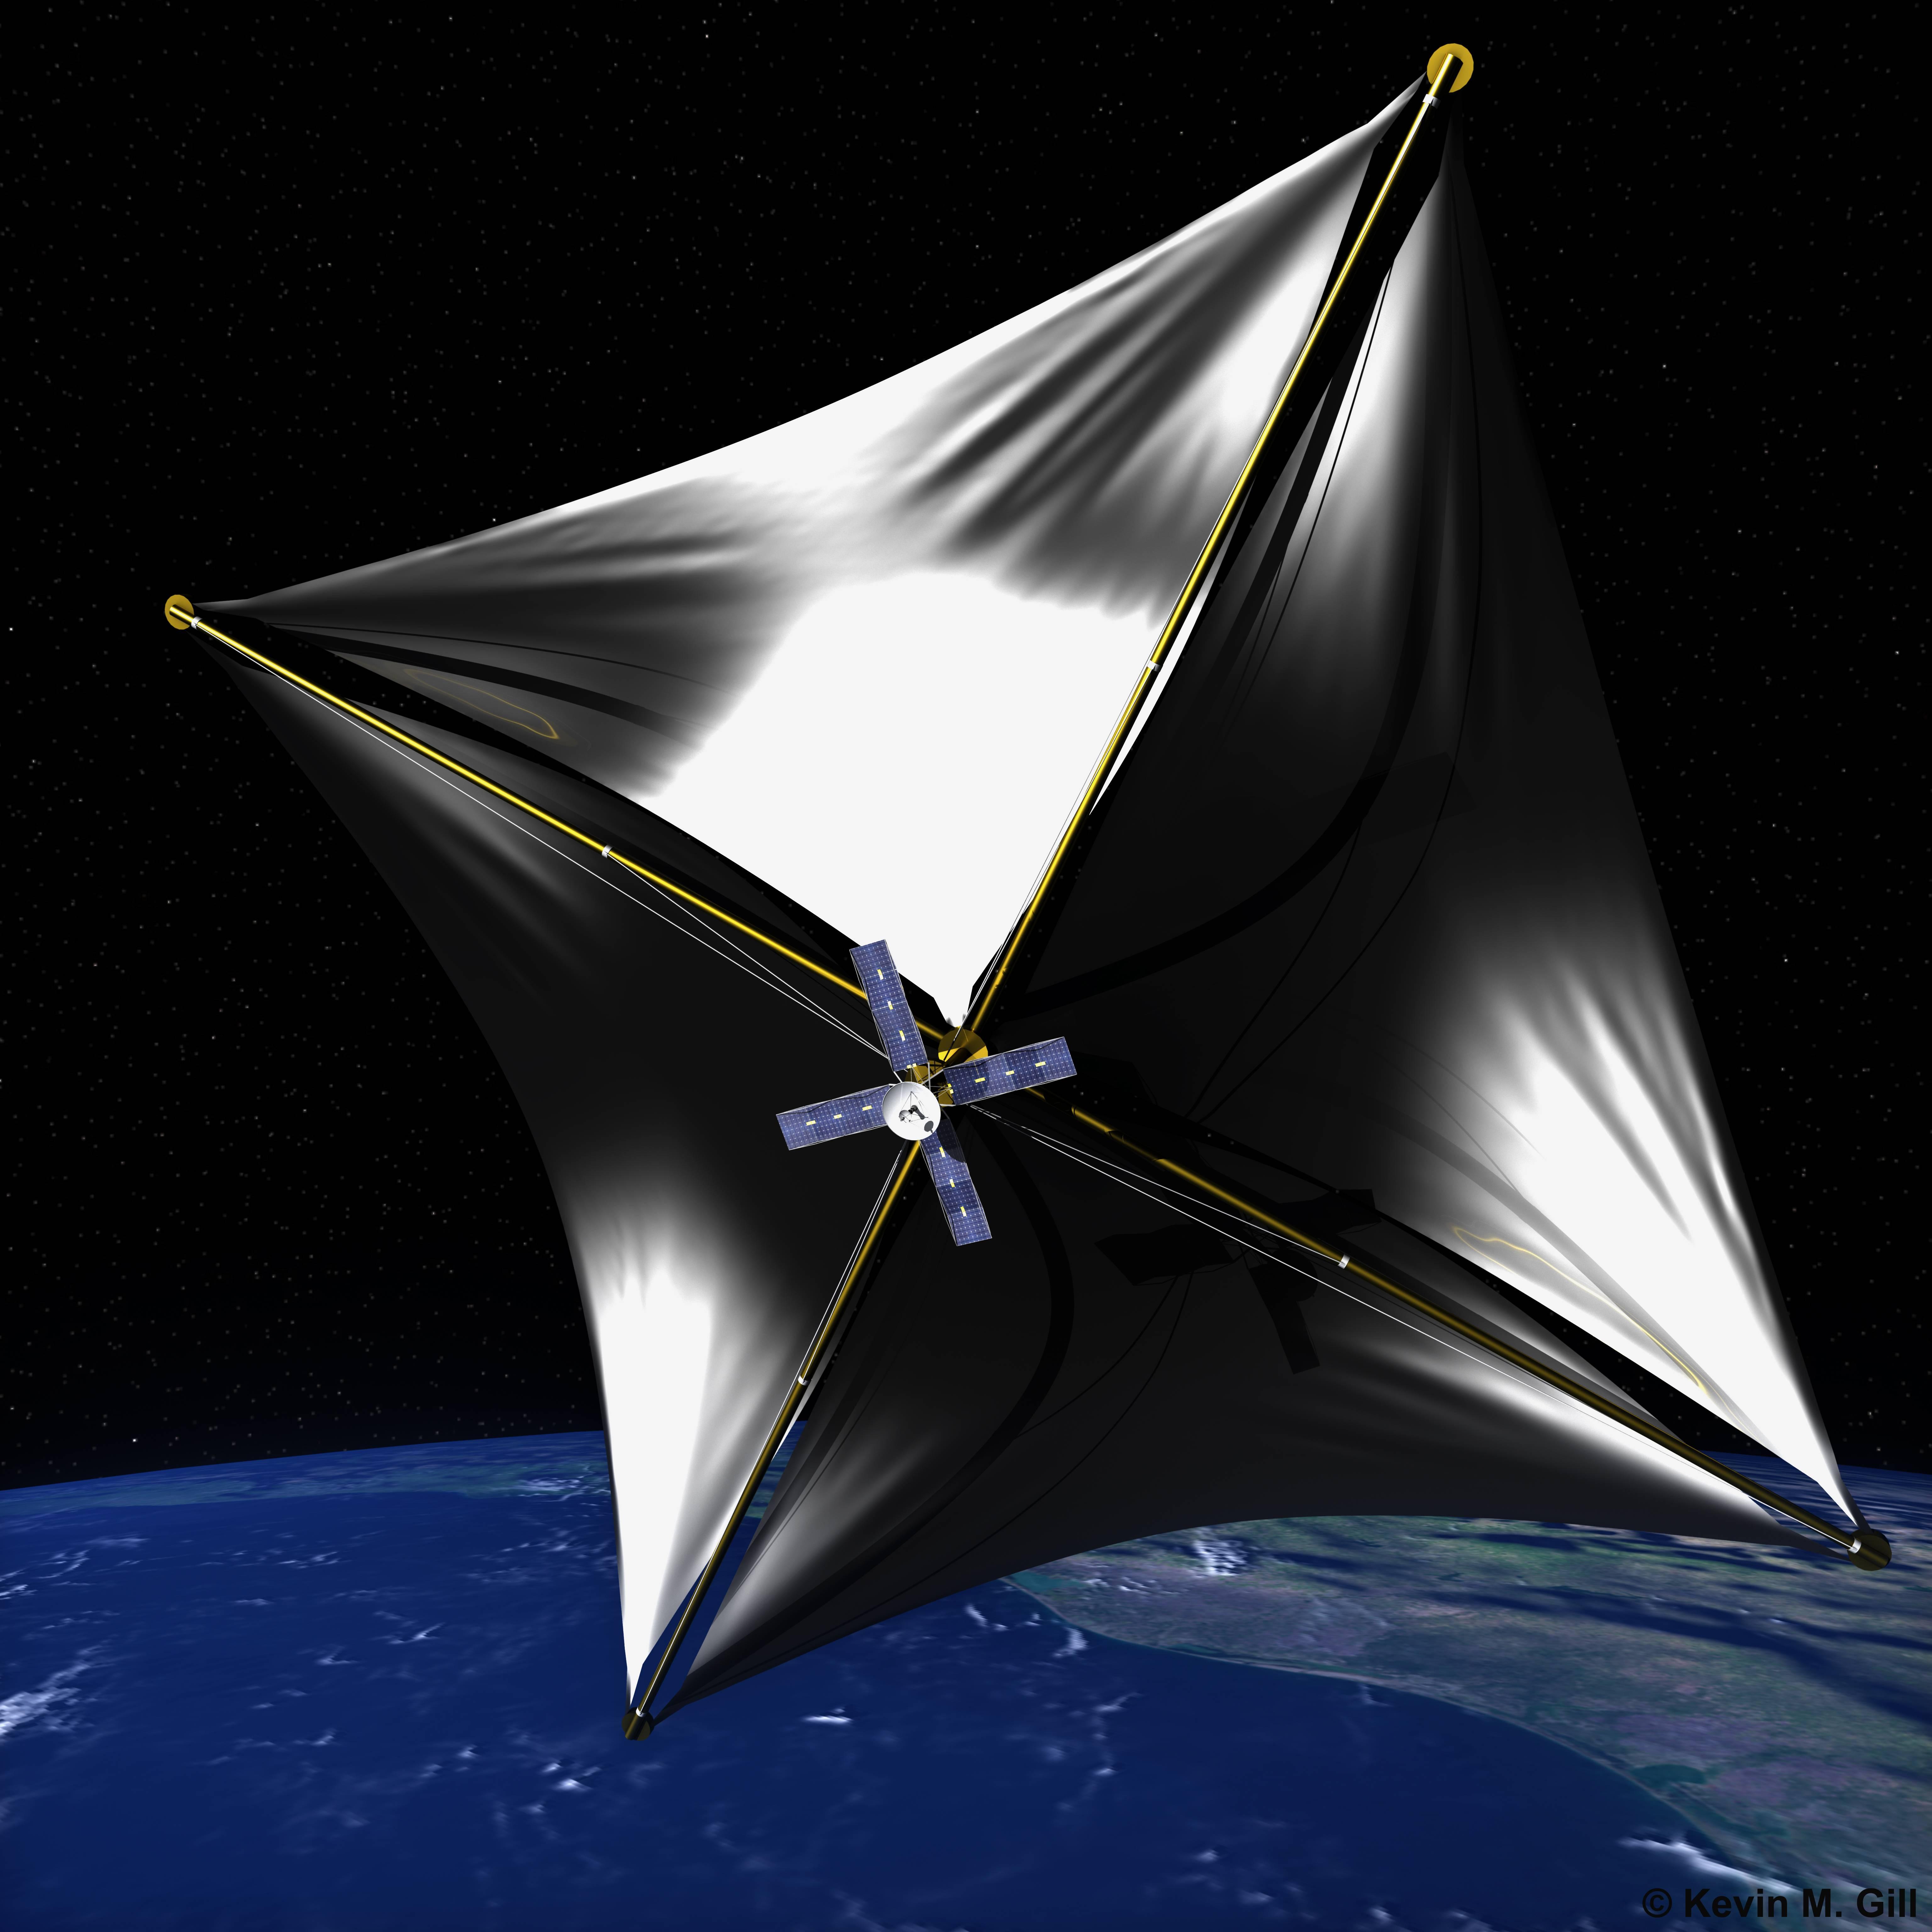 Stephen Hawking estaba involucrado en el proyecto más ambicioso de exploración espacial de la humanidad